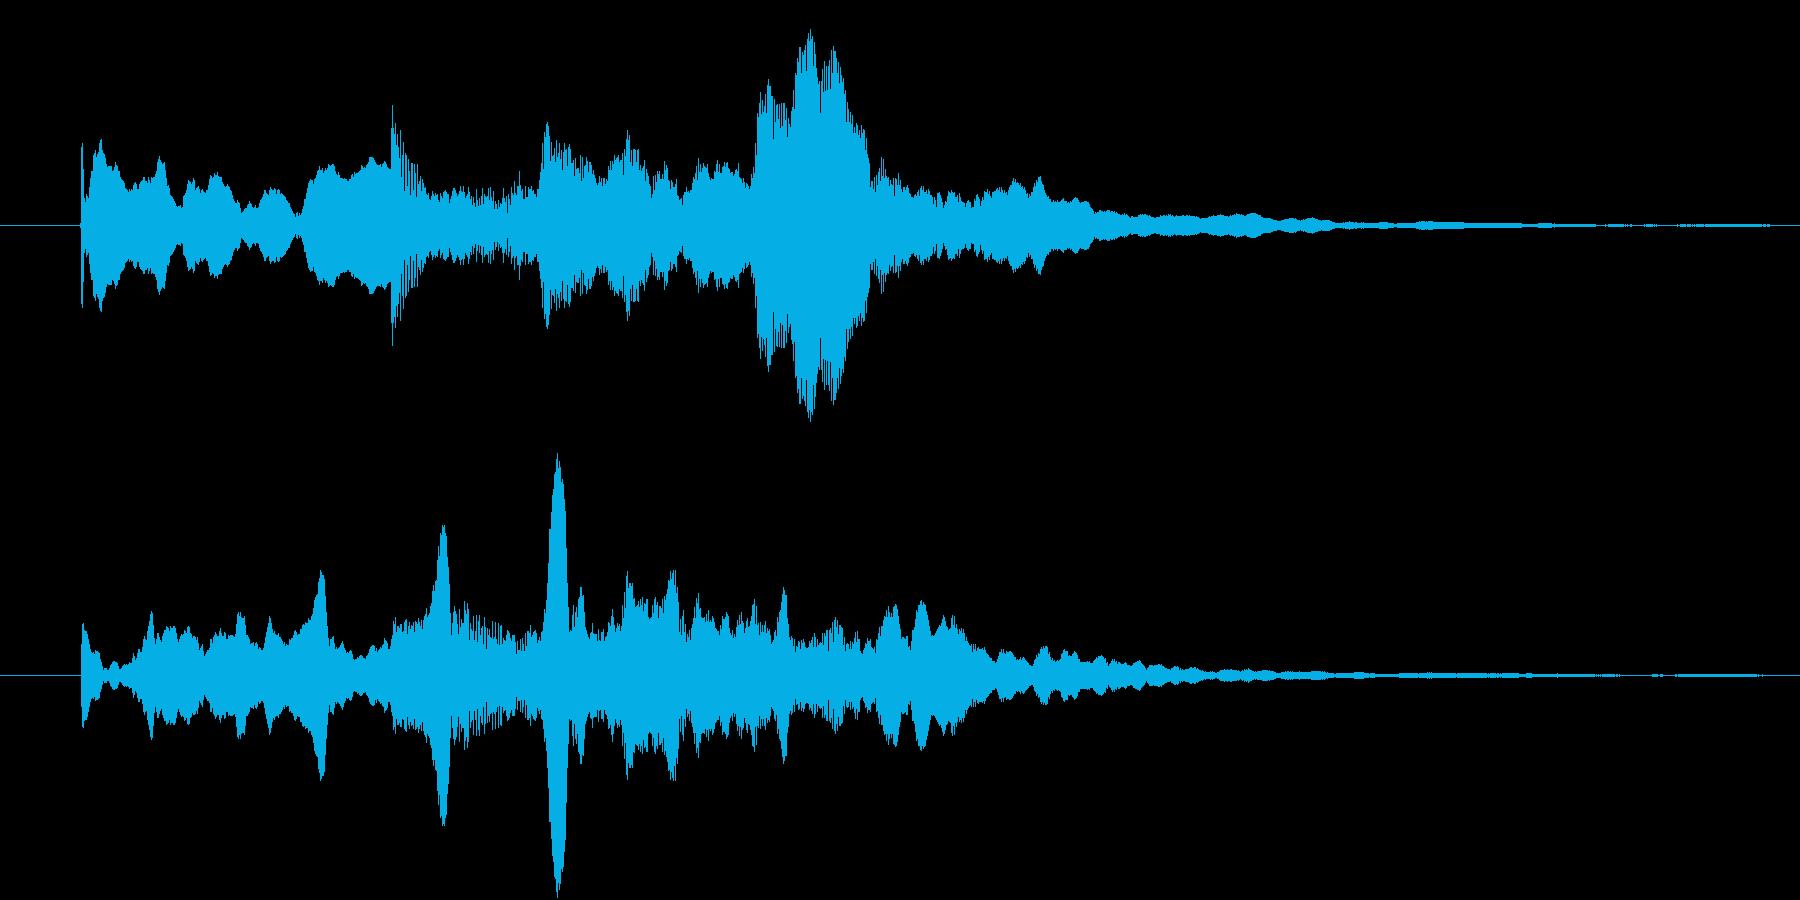 幻想的なジングル 場面転換の再生済みの波形